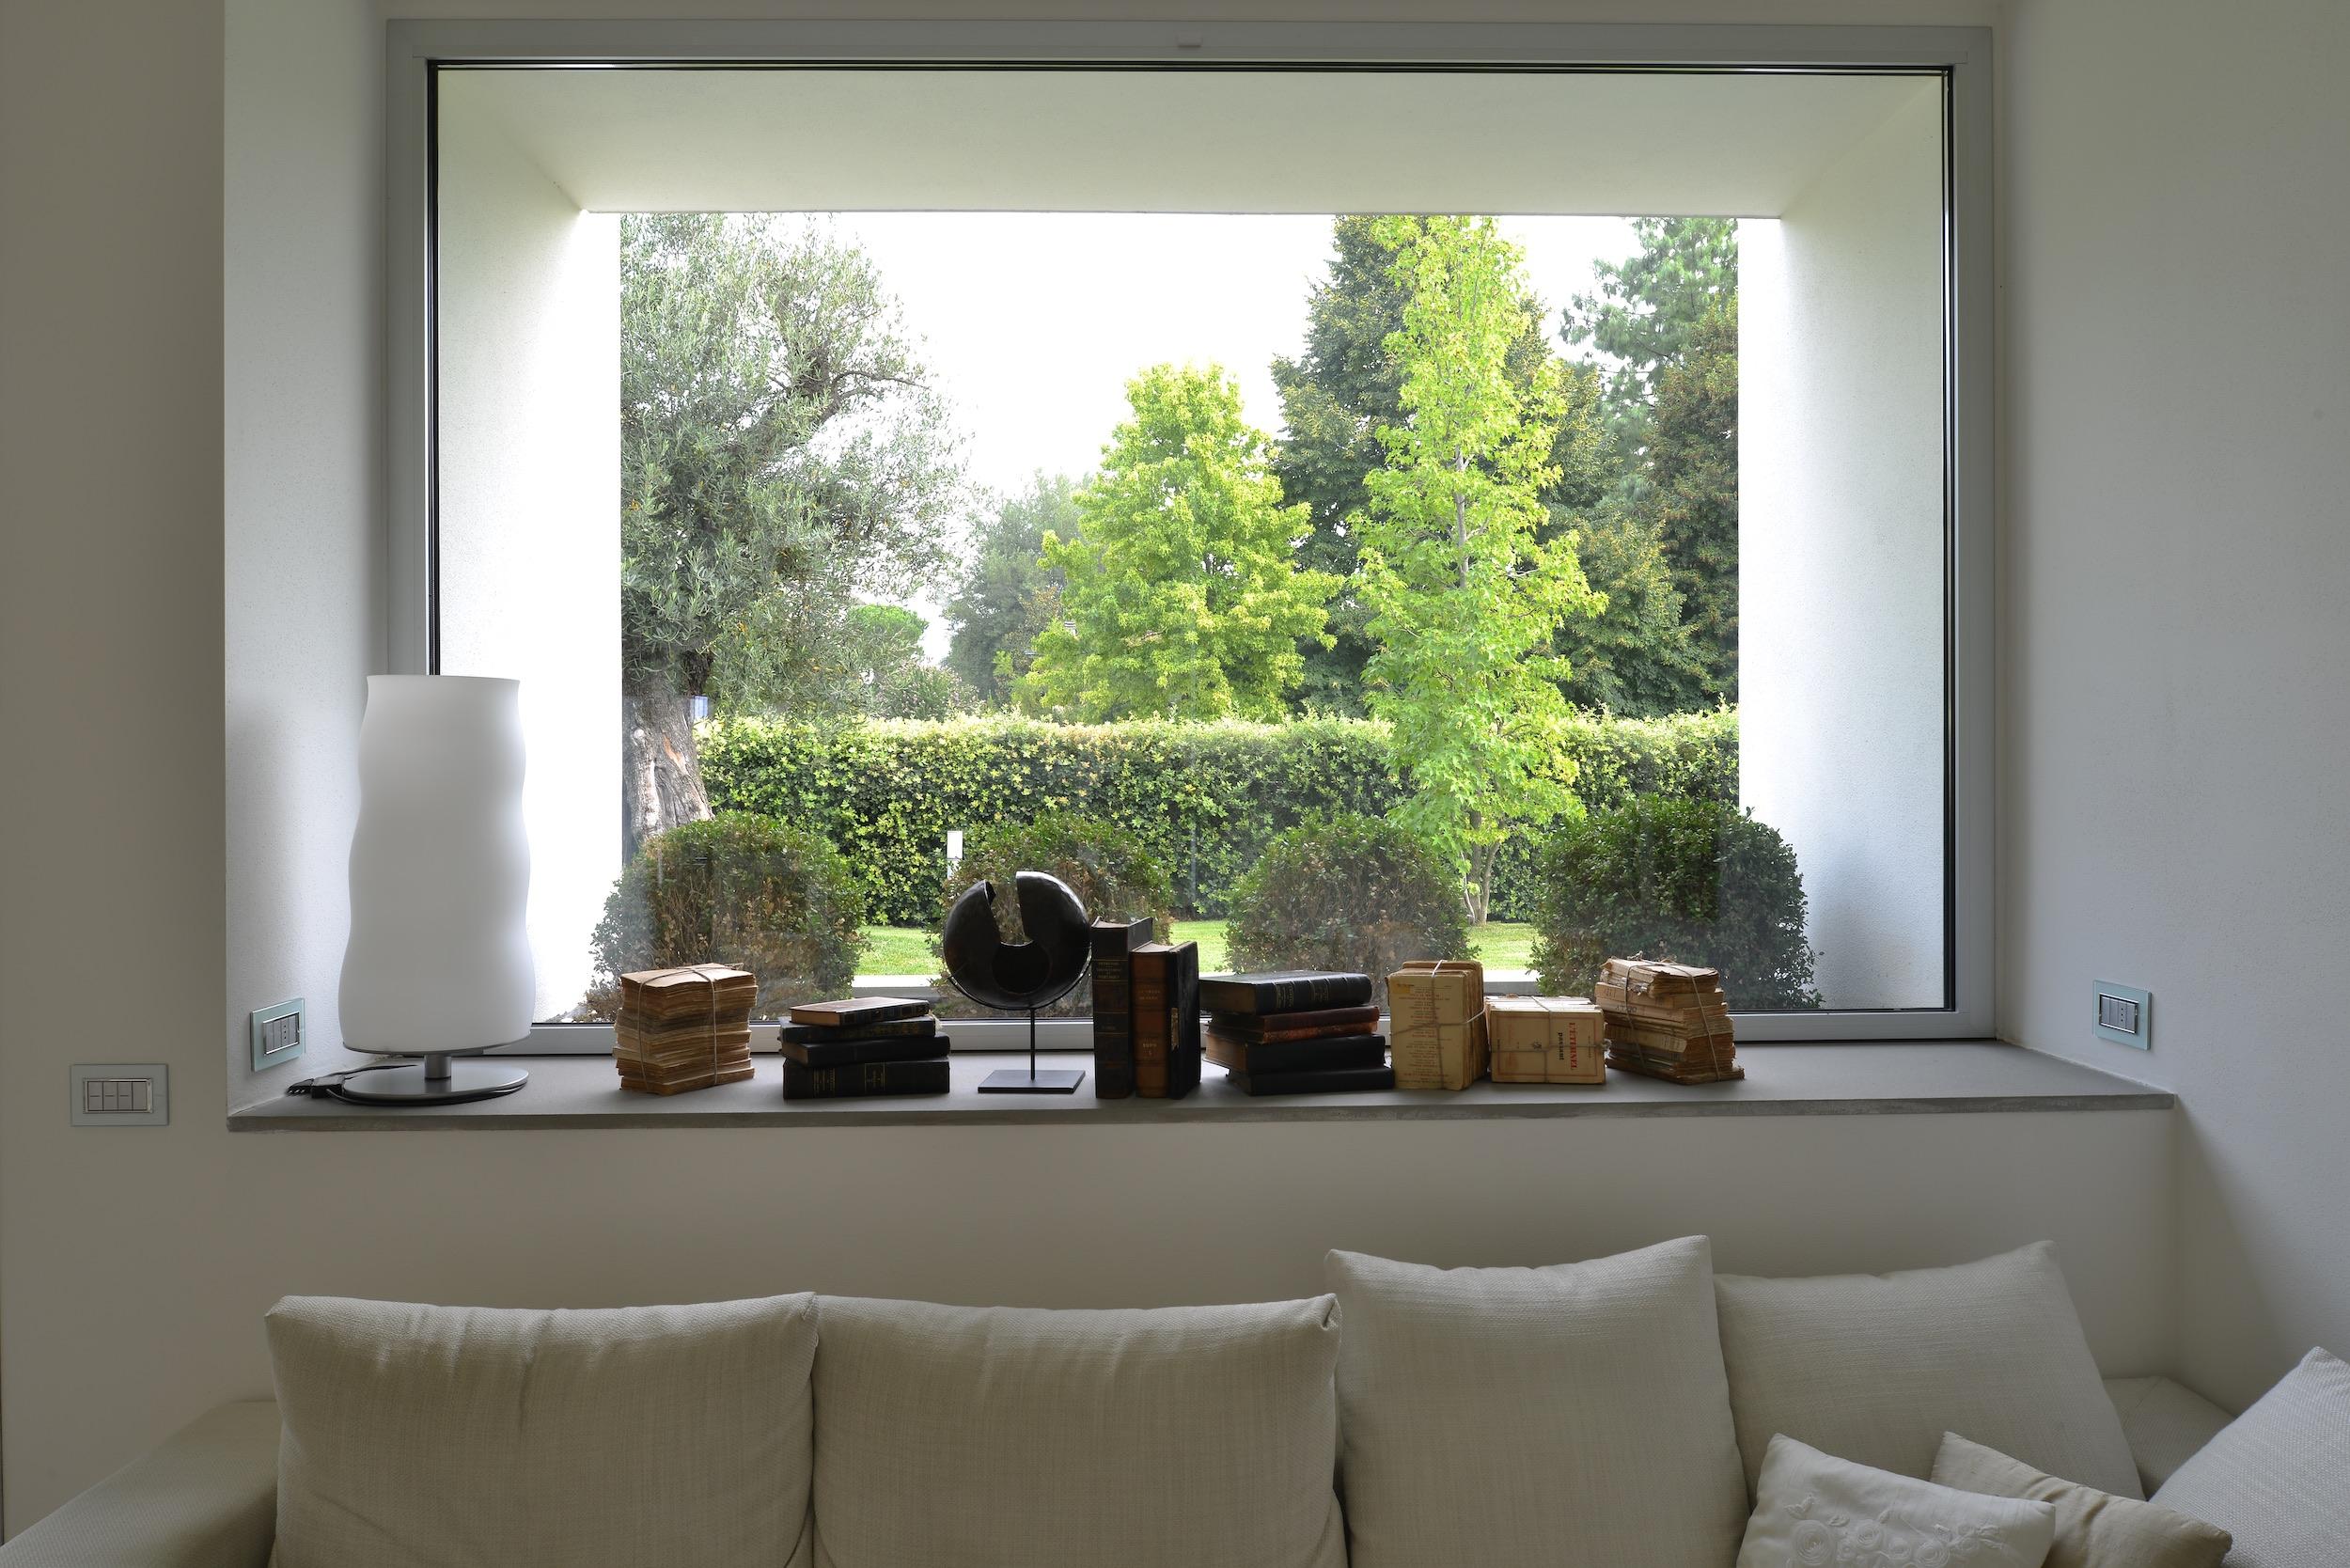 6670 Studio Bacchi Architetti Tura